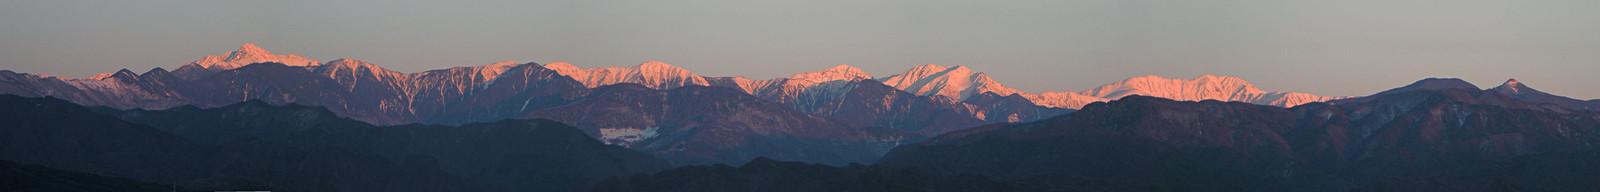 2014年3月22日「夕日に染まる赤石山脈」